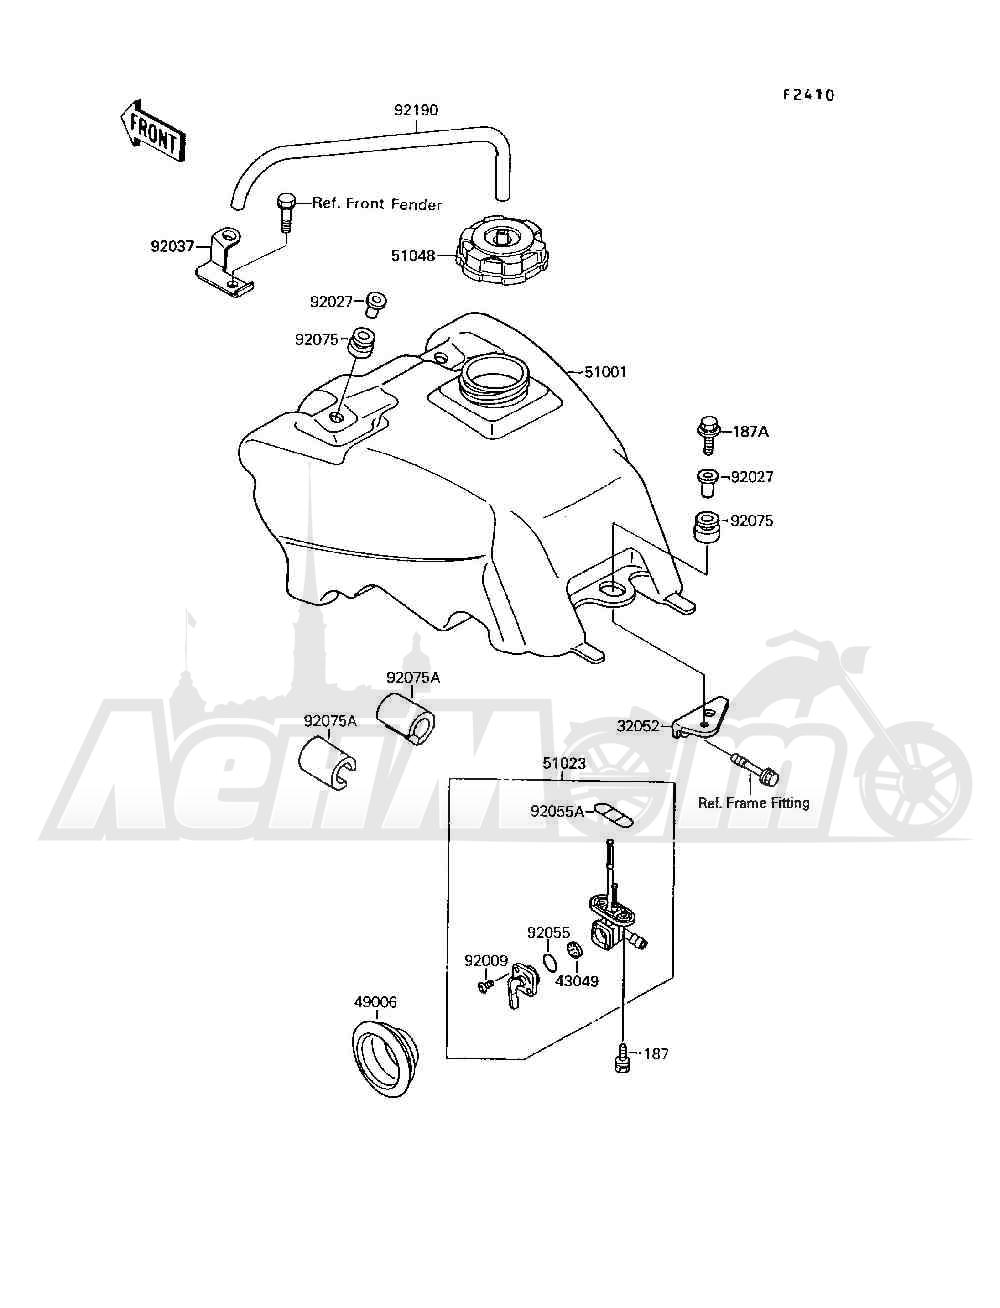 Запчасти для Квадроцикла Kawasaki 1994 MOJAVE 250 (KSF250-A8) Раздел: FUEL TANK | топливный бак